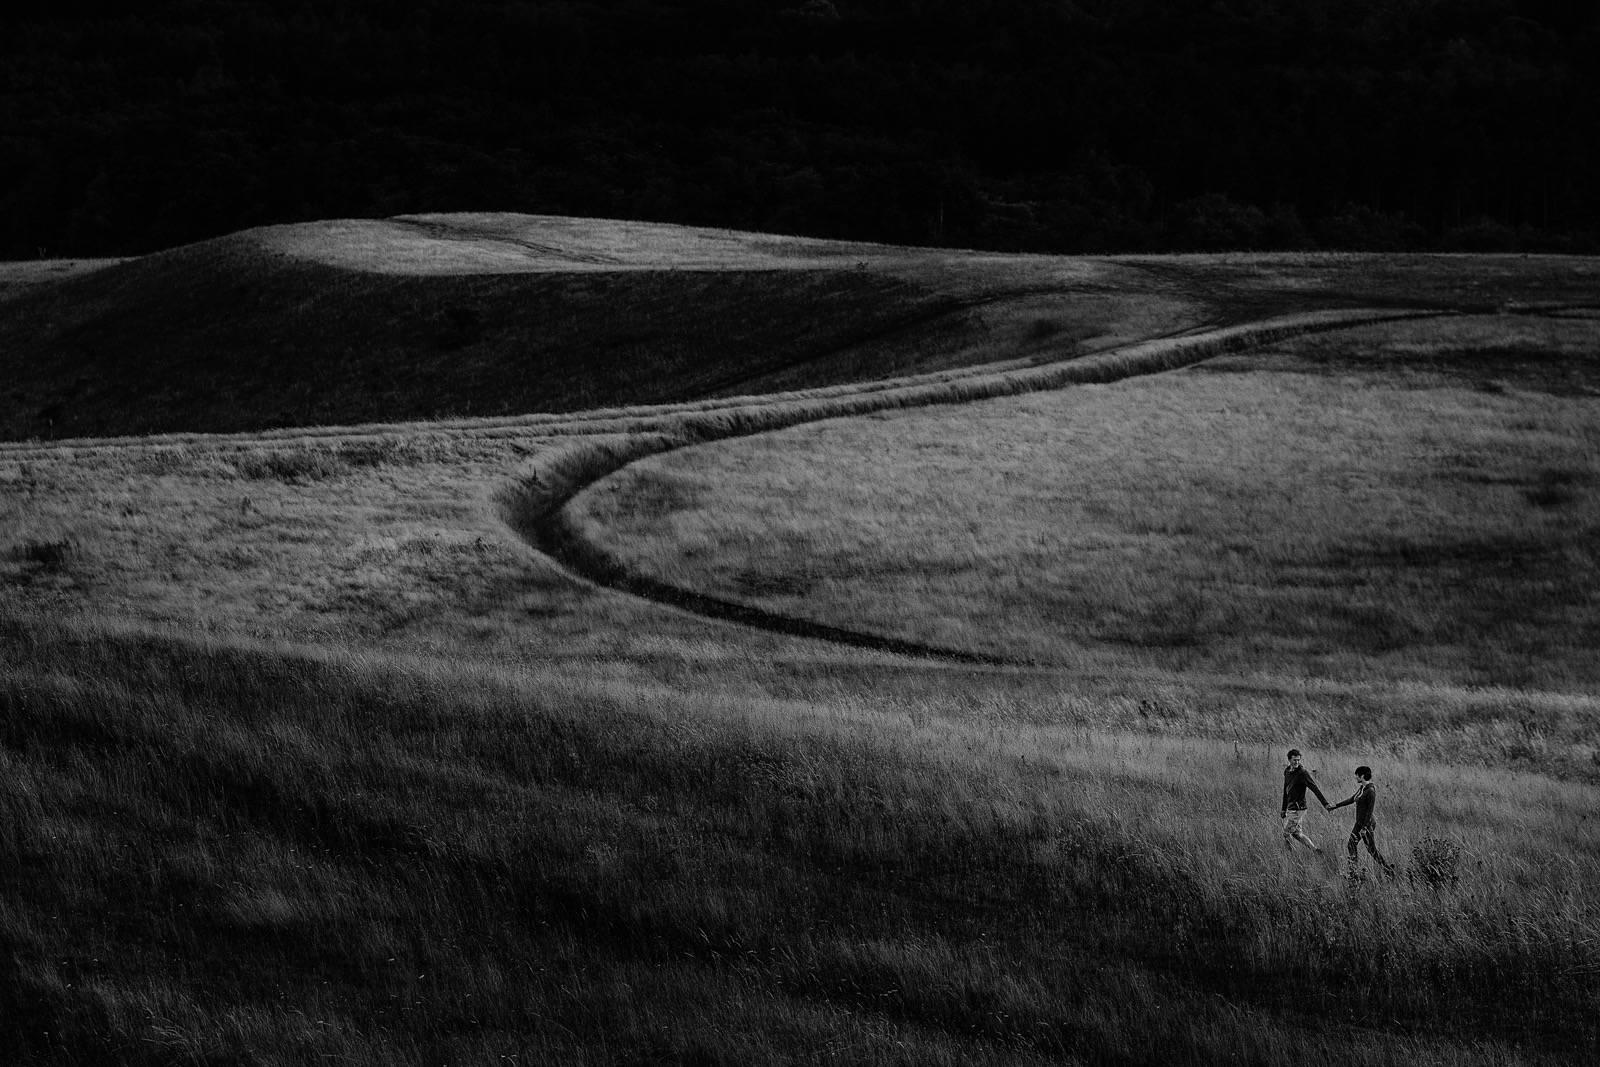 Yves Schepers Photography - Fotograaf - Huwelijksfotograaf - Trouwfotograaf - Bruidsfotograaf - House of Weddings - 31